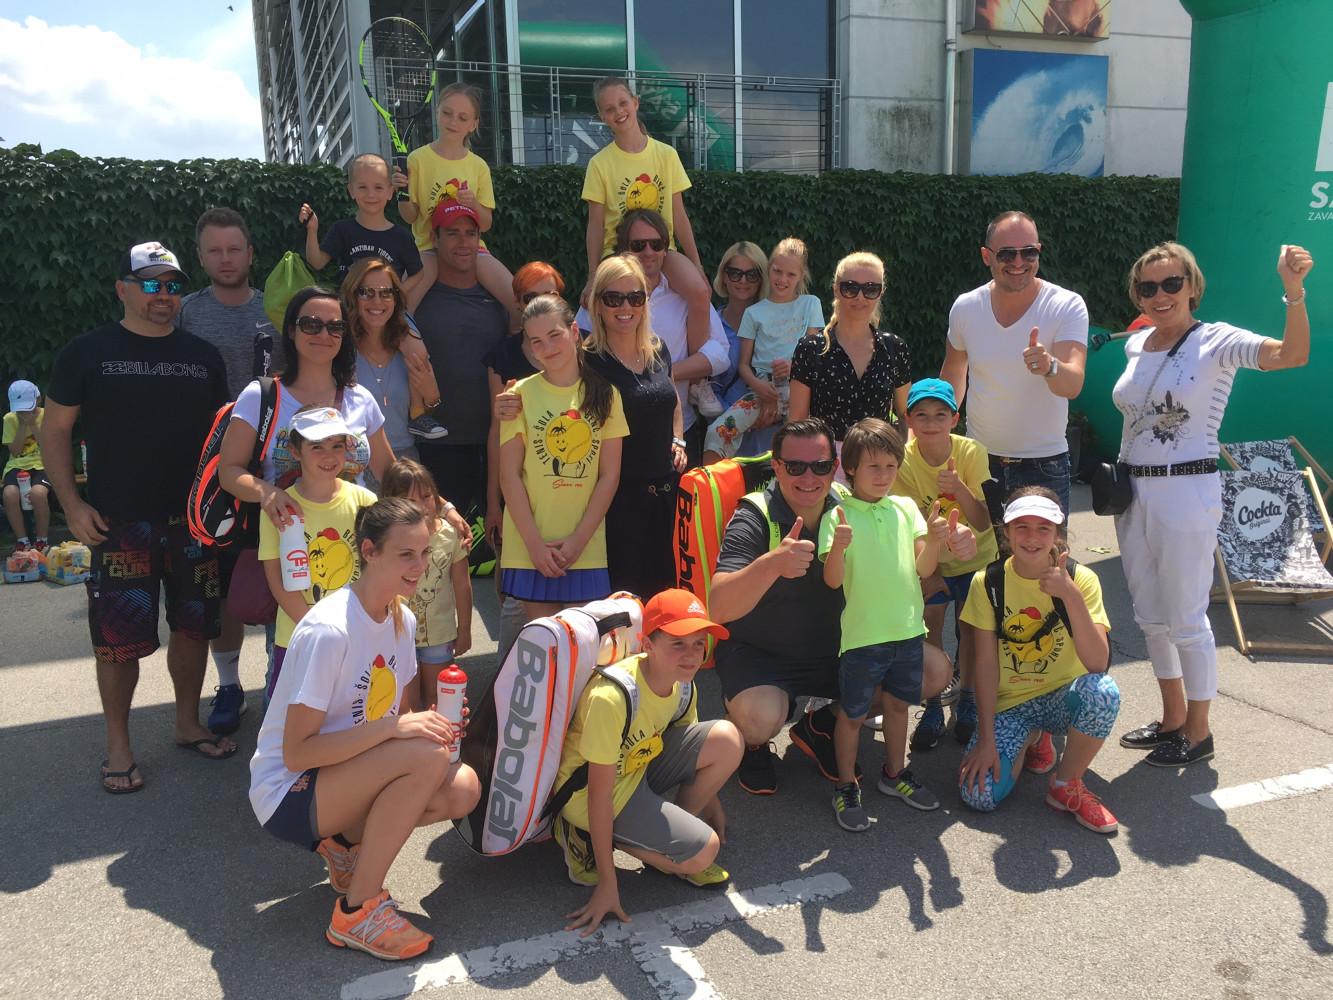 Igralci tenis kluba Benč Sport z povezavi s Teniško Zvezo Slovenije na dobrodelnem turnirju Gibaj Mladina